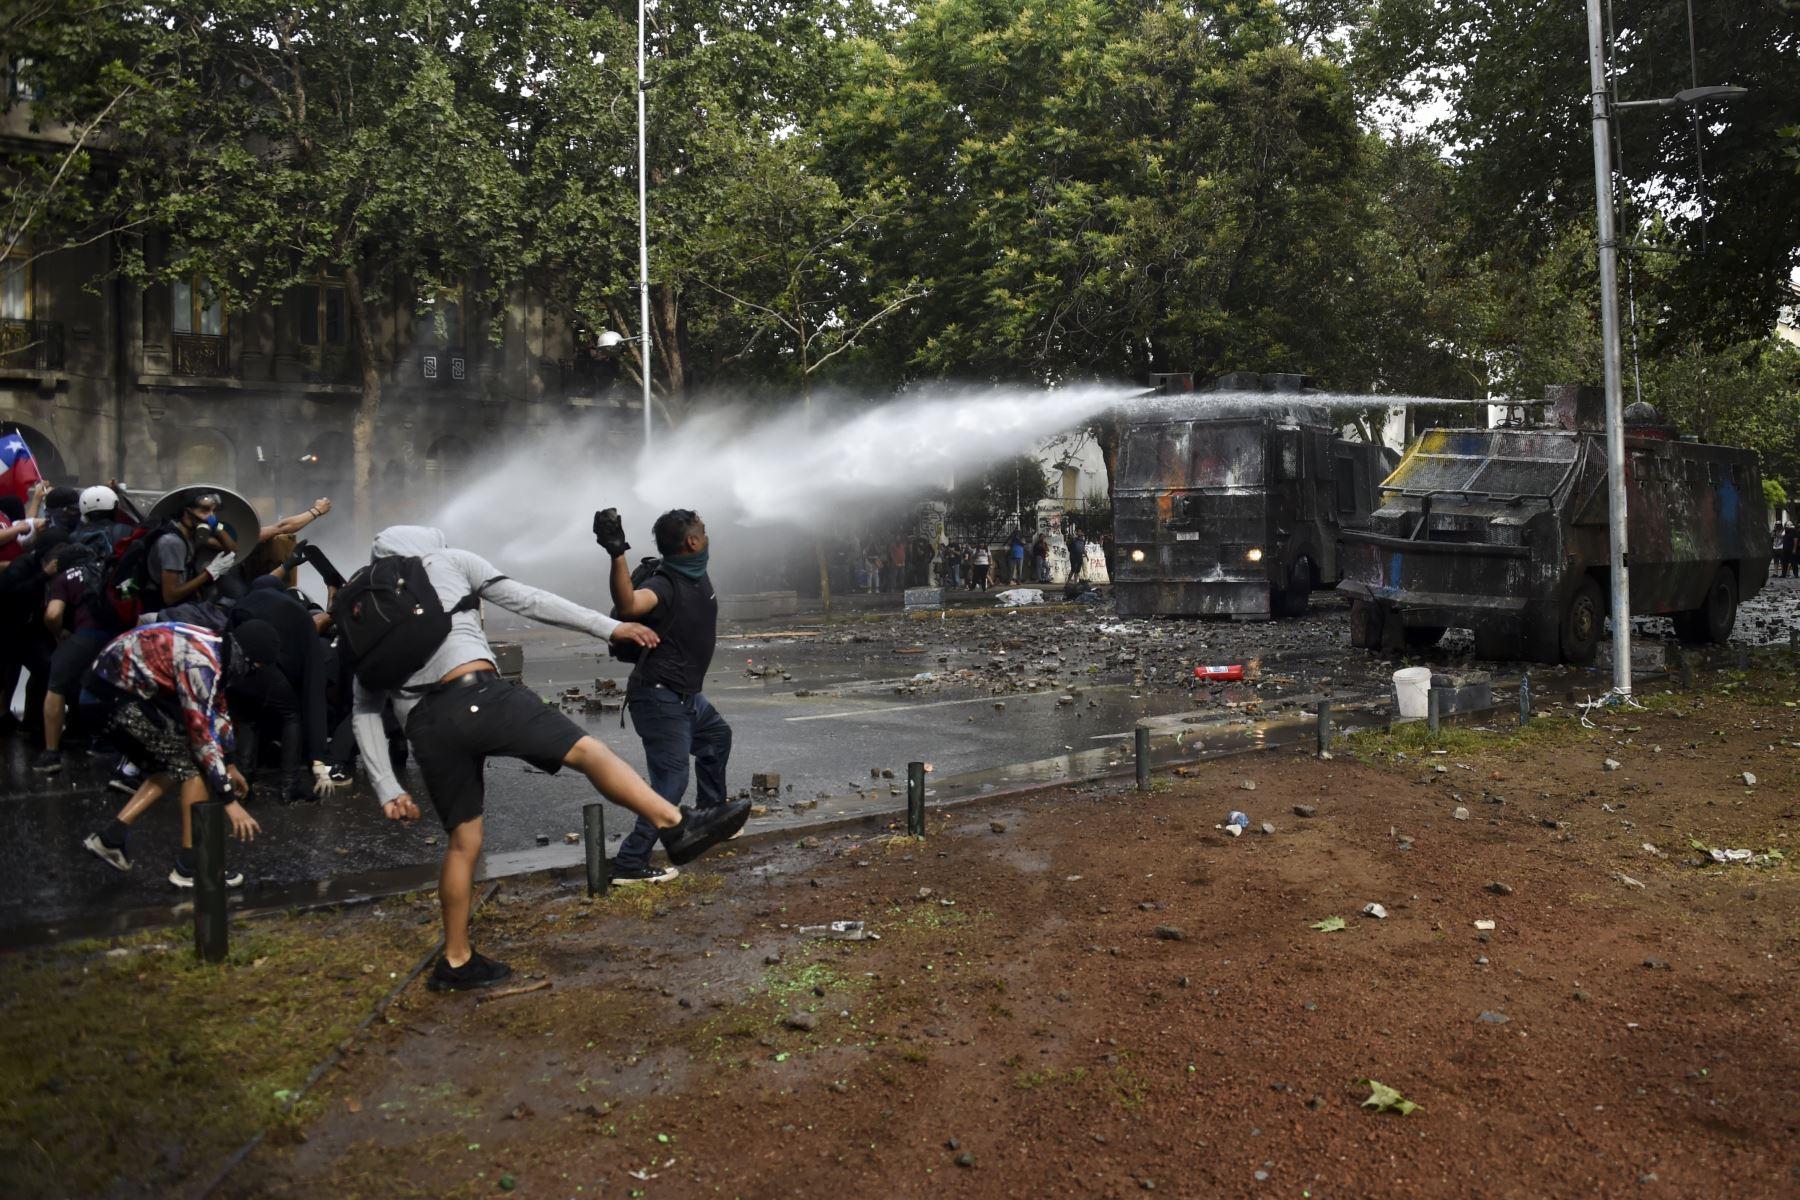 Los manifestantes se enfrentan con la policía antidisturbios en Santiago de Chile en la cuarta semana de protestas contra el gobierno del presidente chileno Sebastián Piñera. Foto: AFP